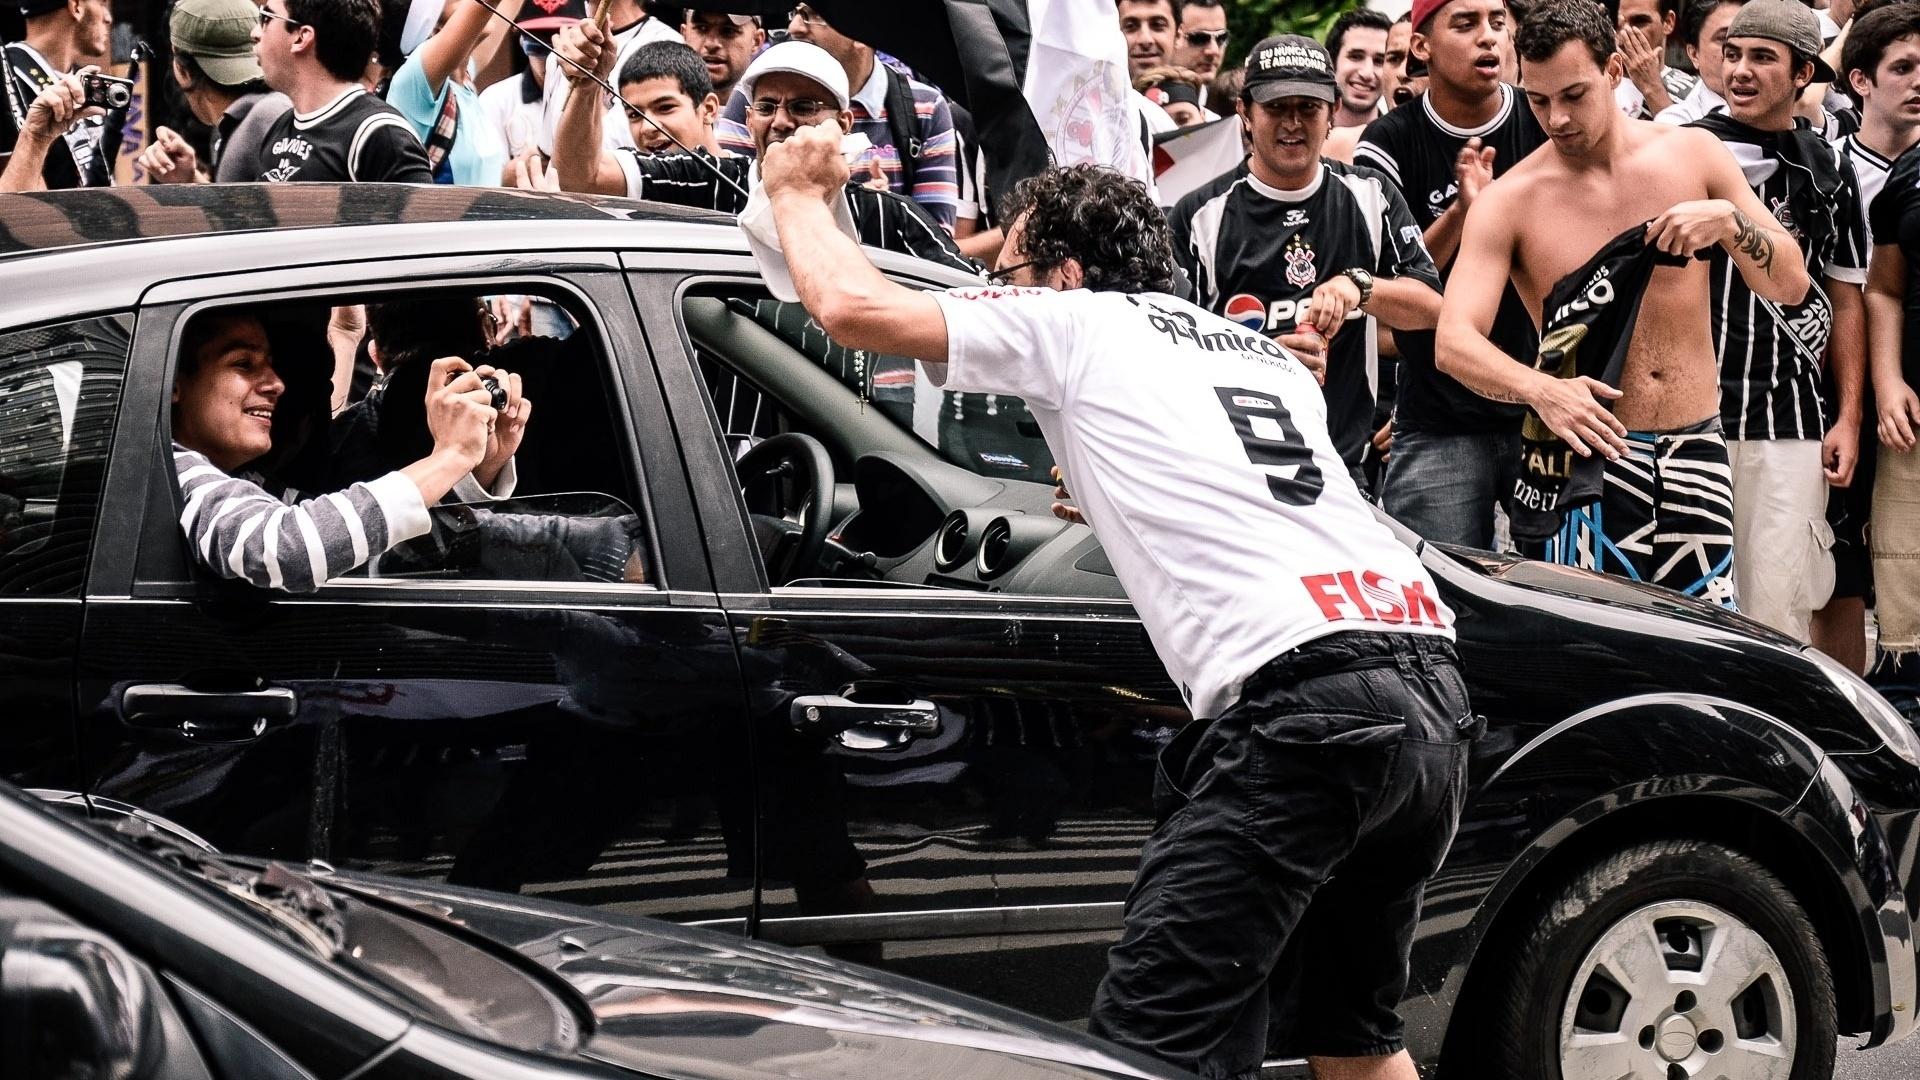 16.dez.2012 - Corintianos ignoram trânsito na Avenida Paulista e comemoram título mundial em Sâo Paulo